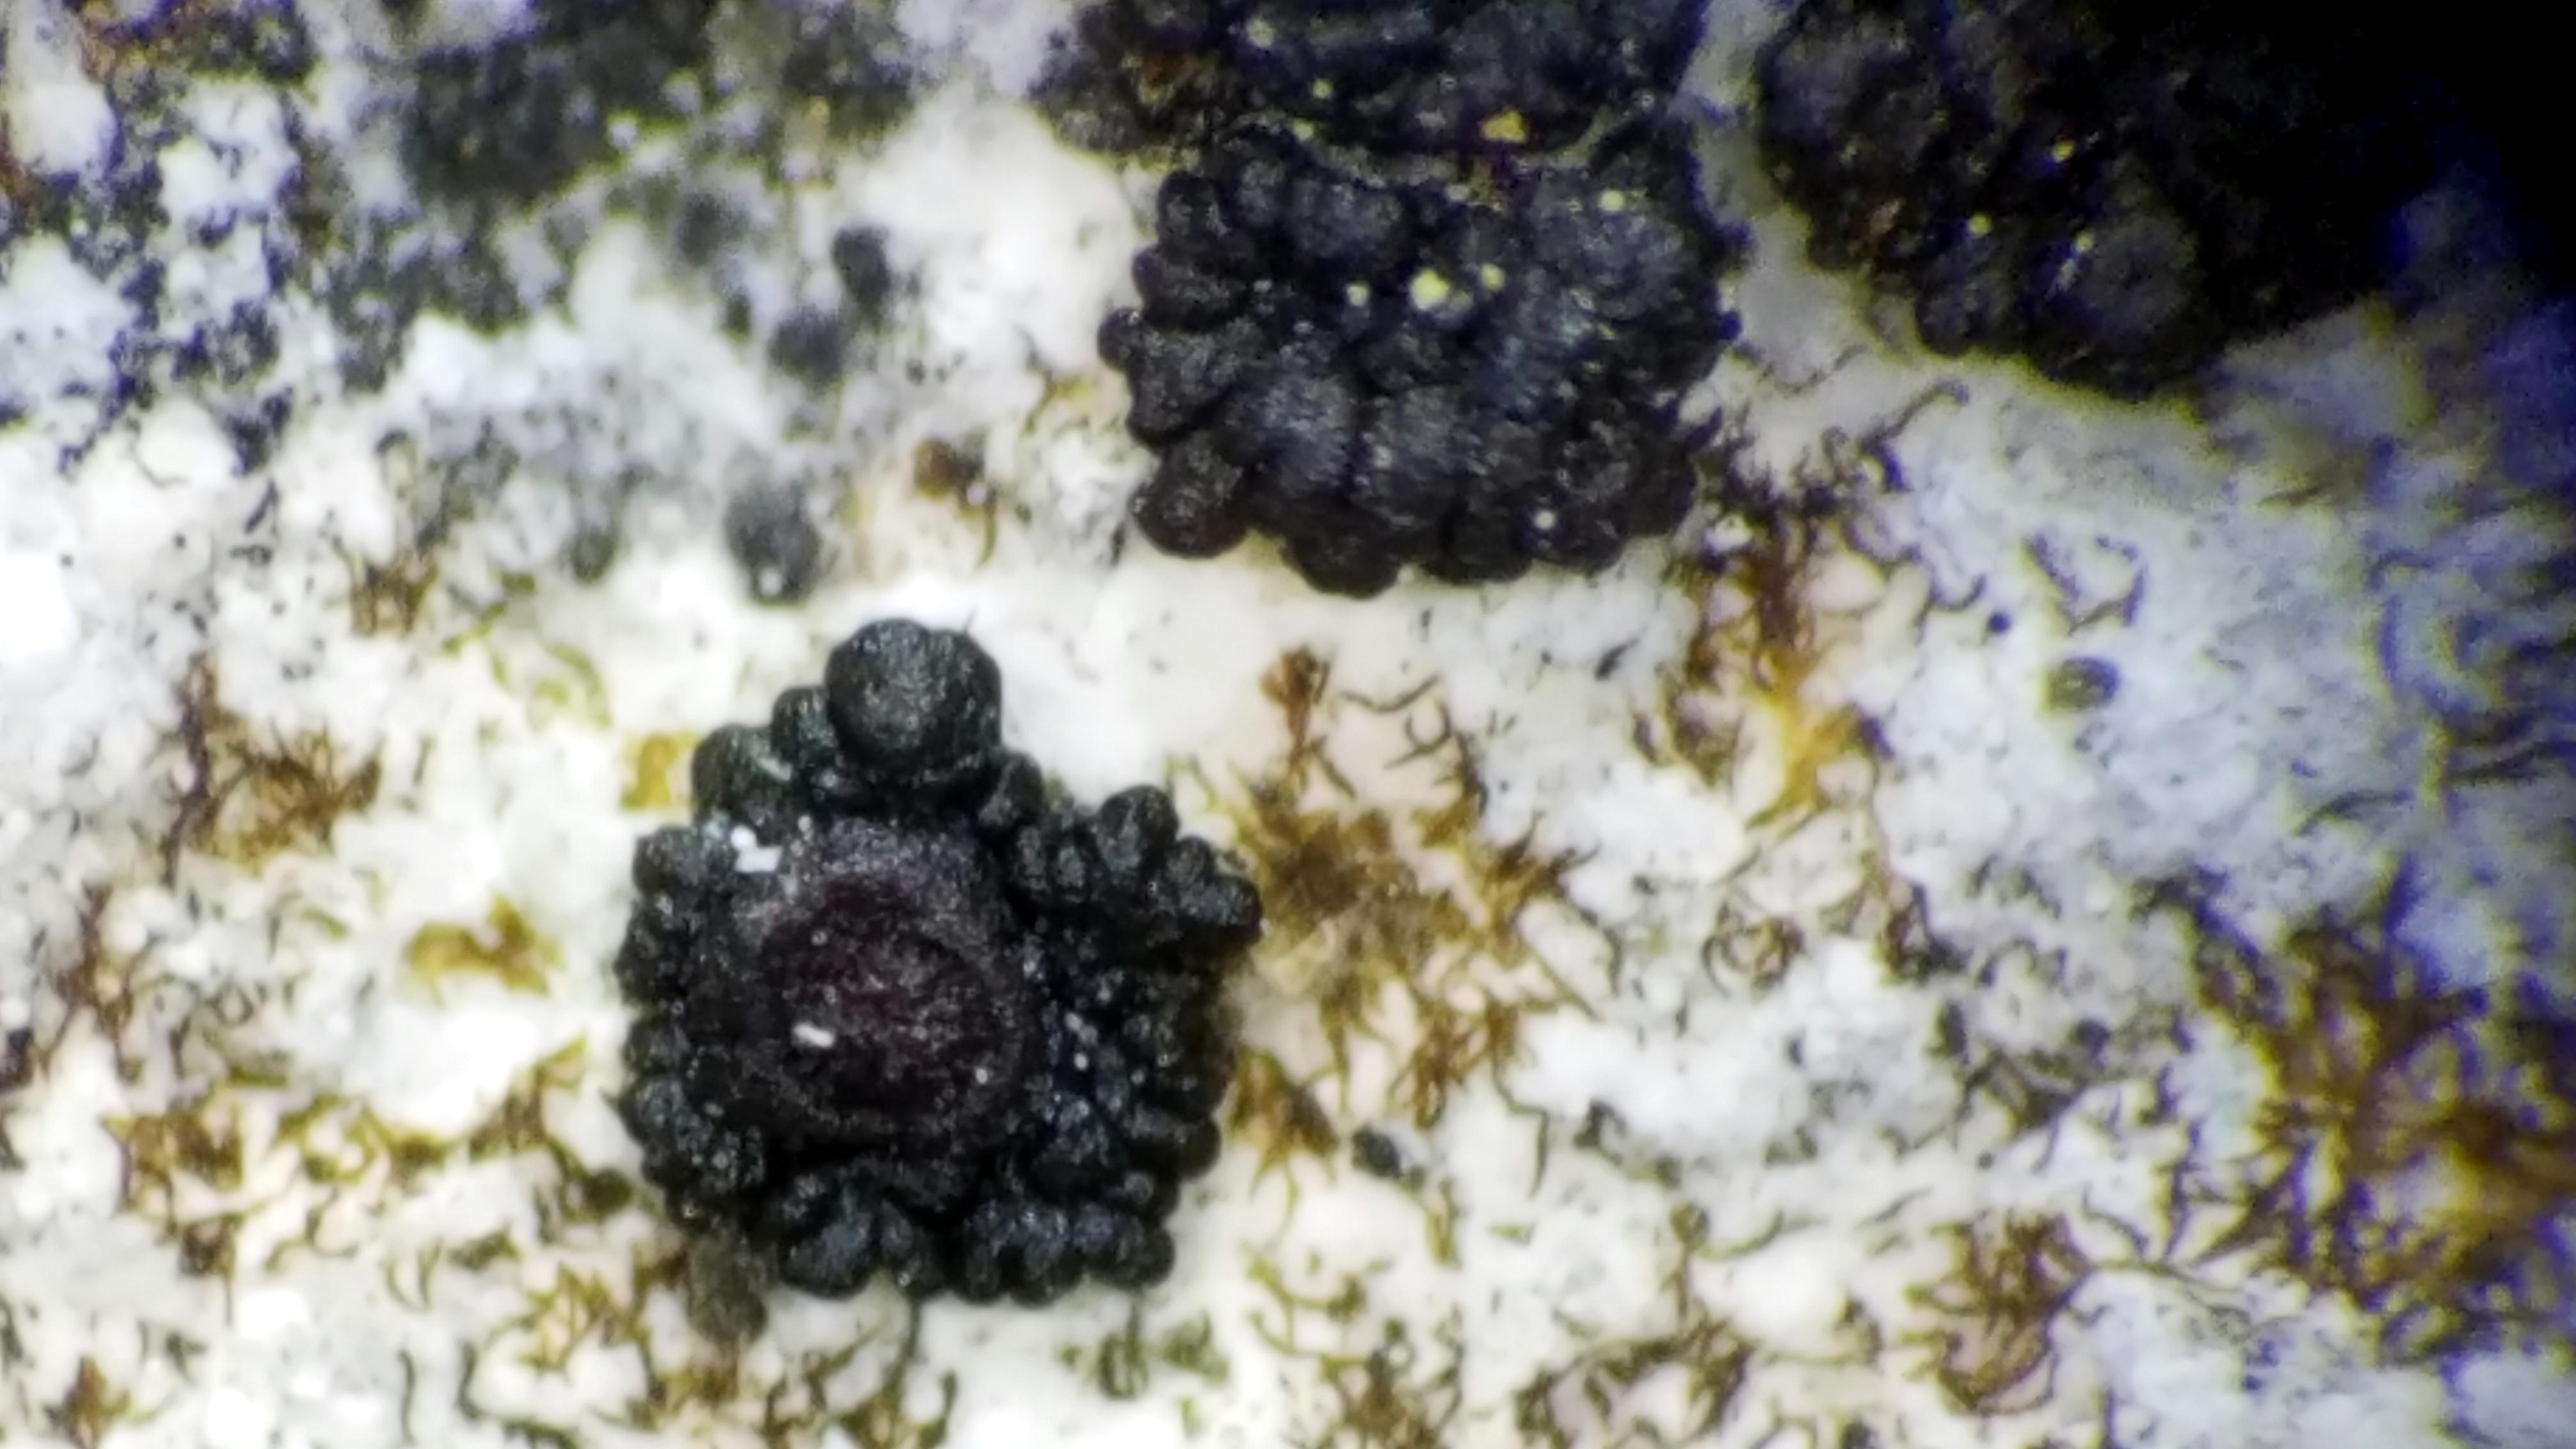 Leptogium biatorinum image